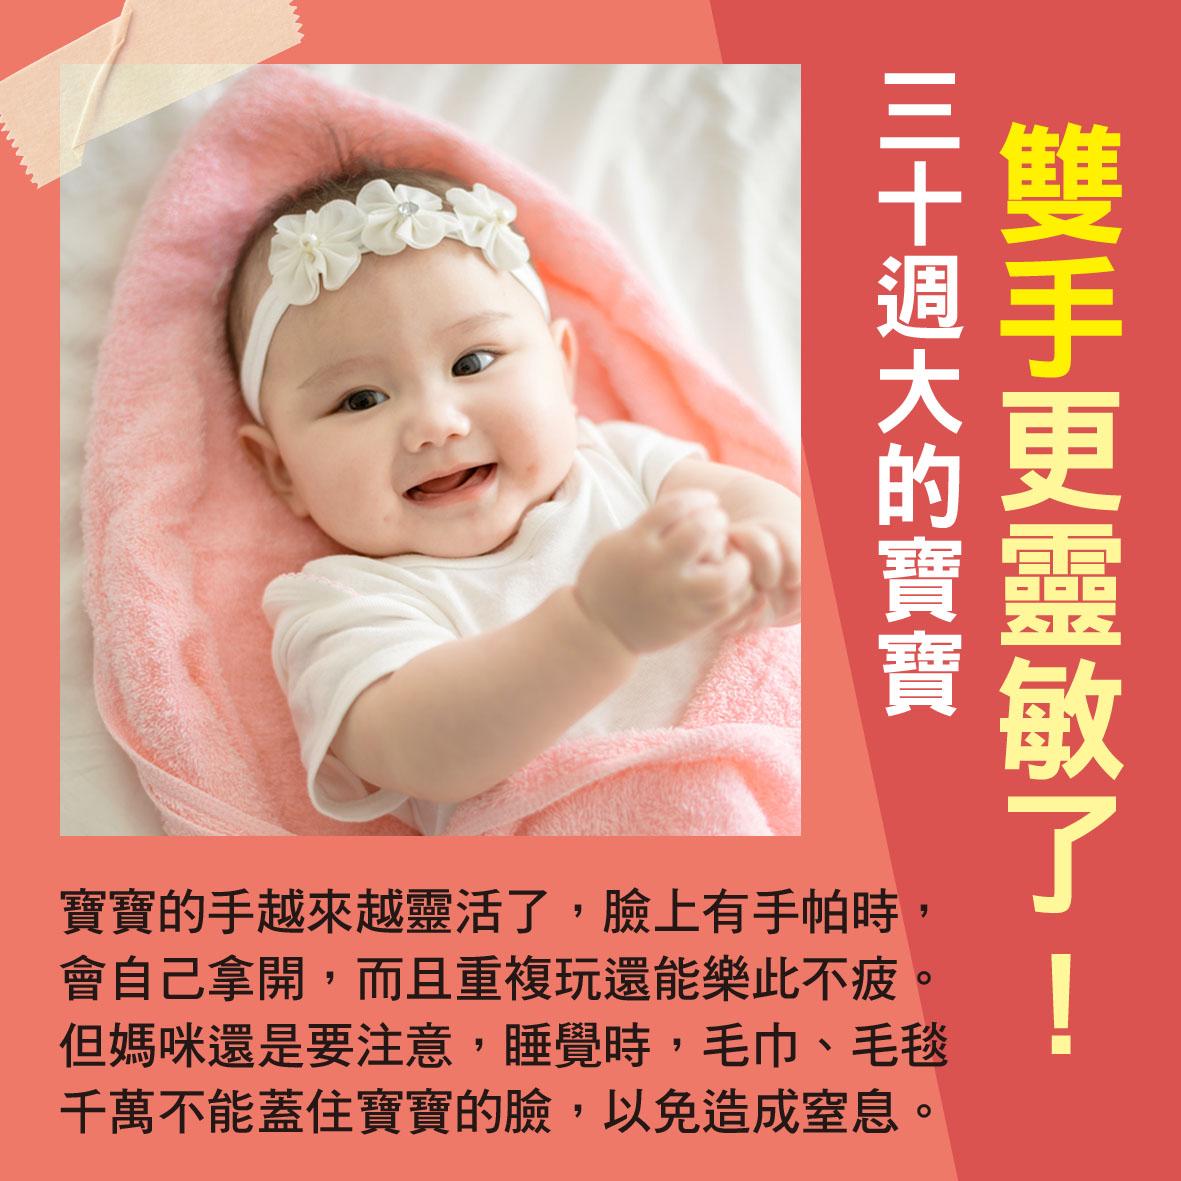 寶寶篇第30週-三十週大的寶寶 雙手更靈敏了!